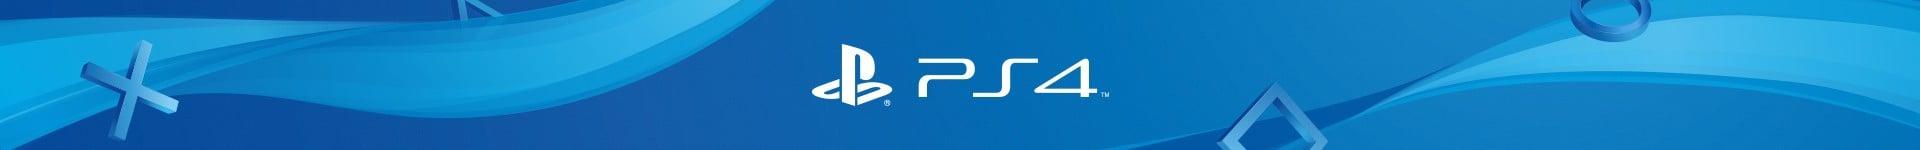 Playstation 4 tilbehør og udstyr